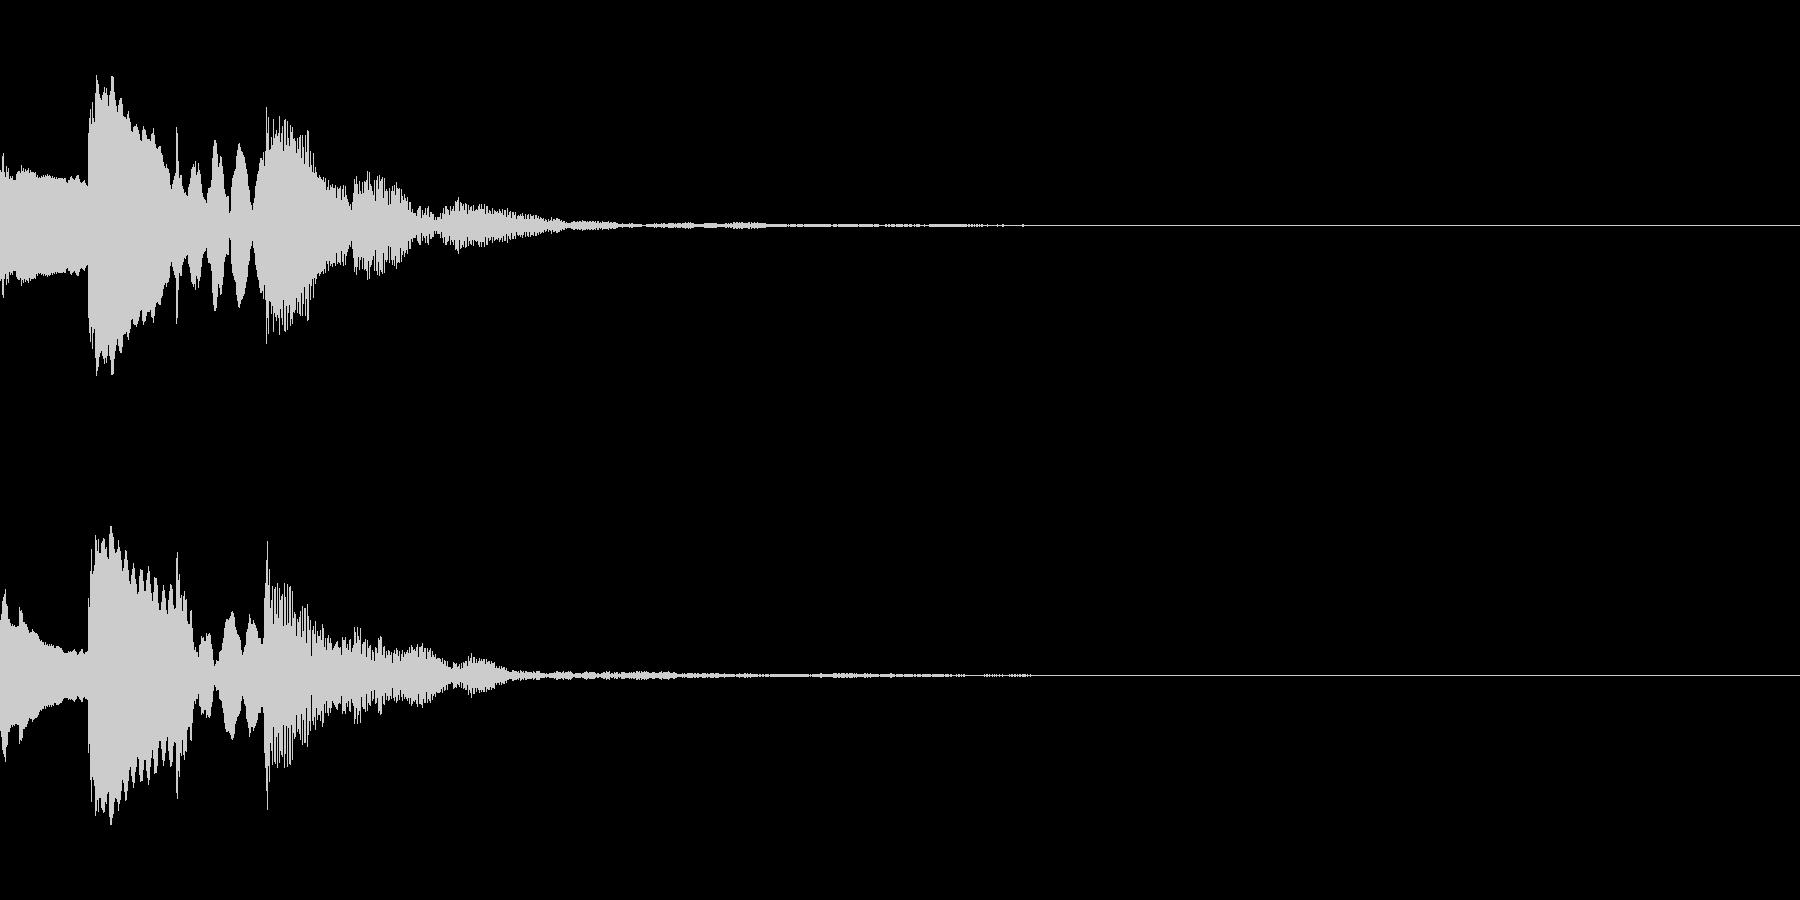 メール着信音風 ロゴ ピコピコンの未再生の波形